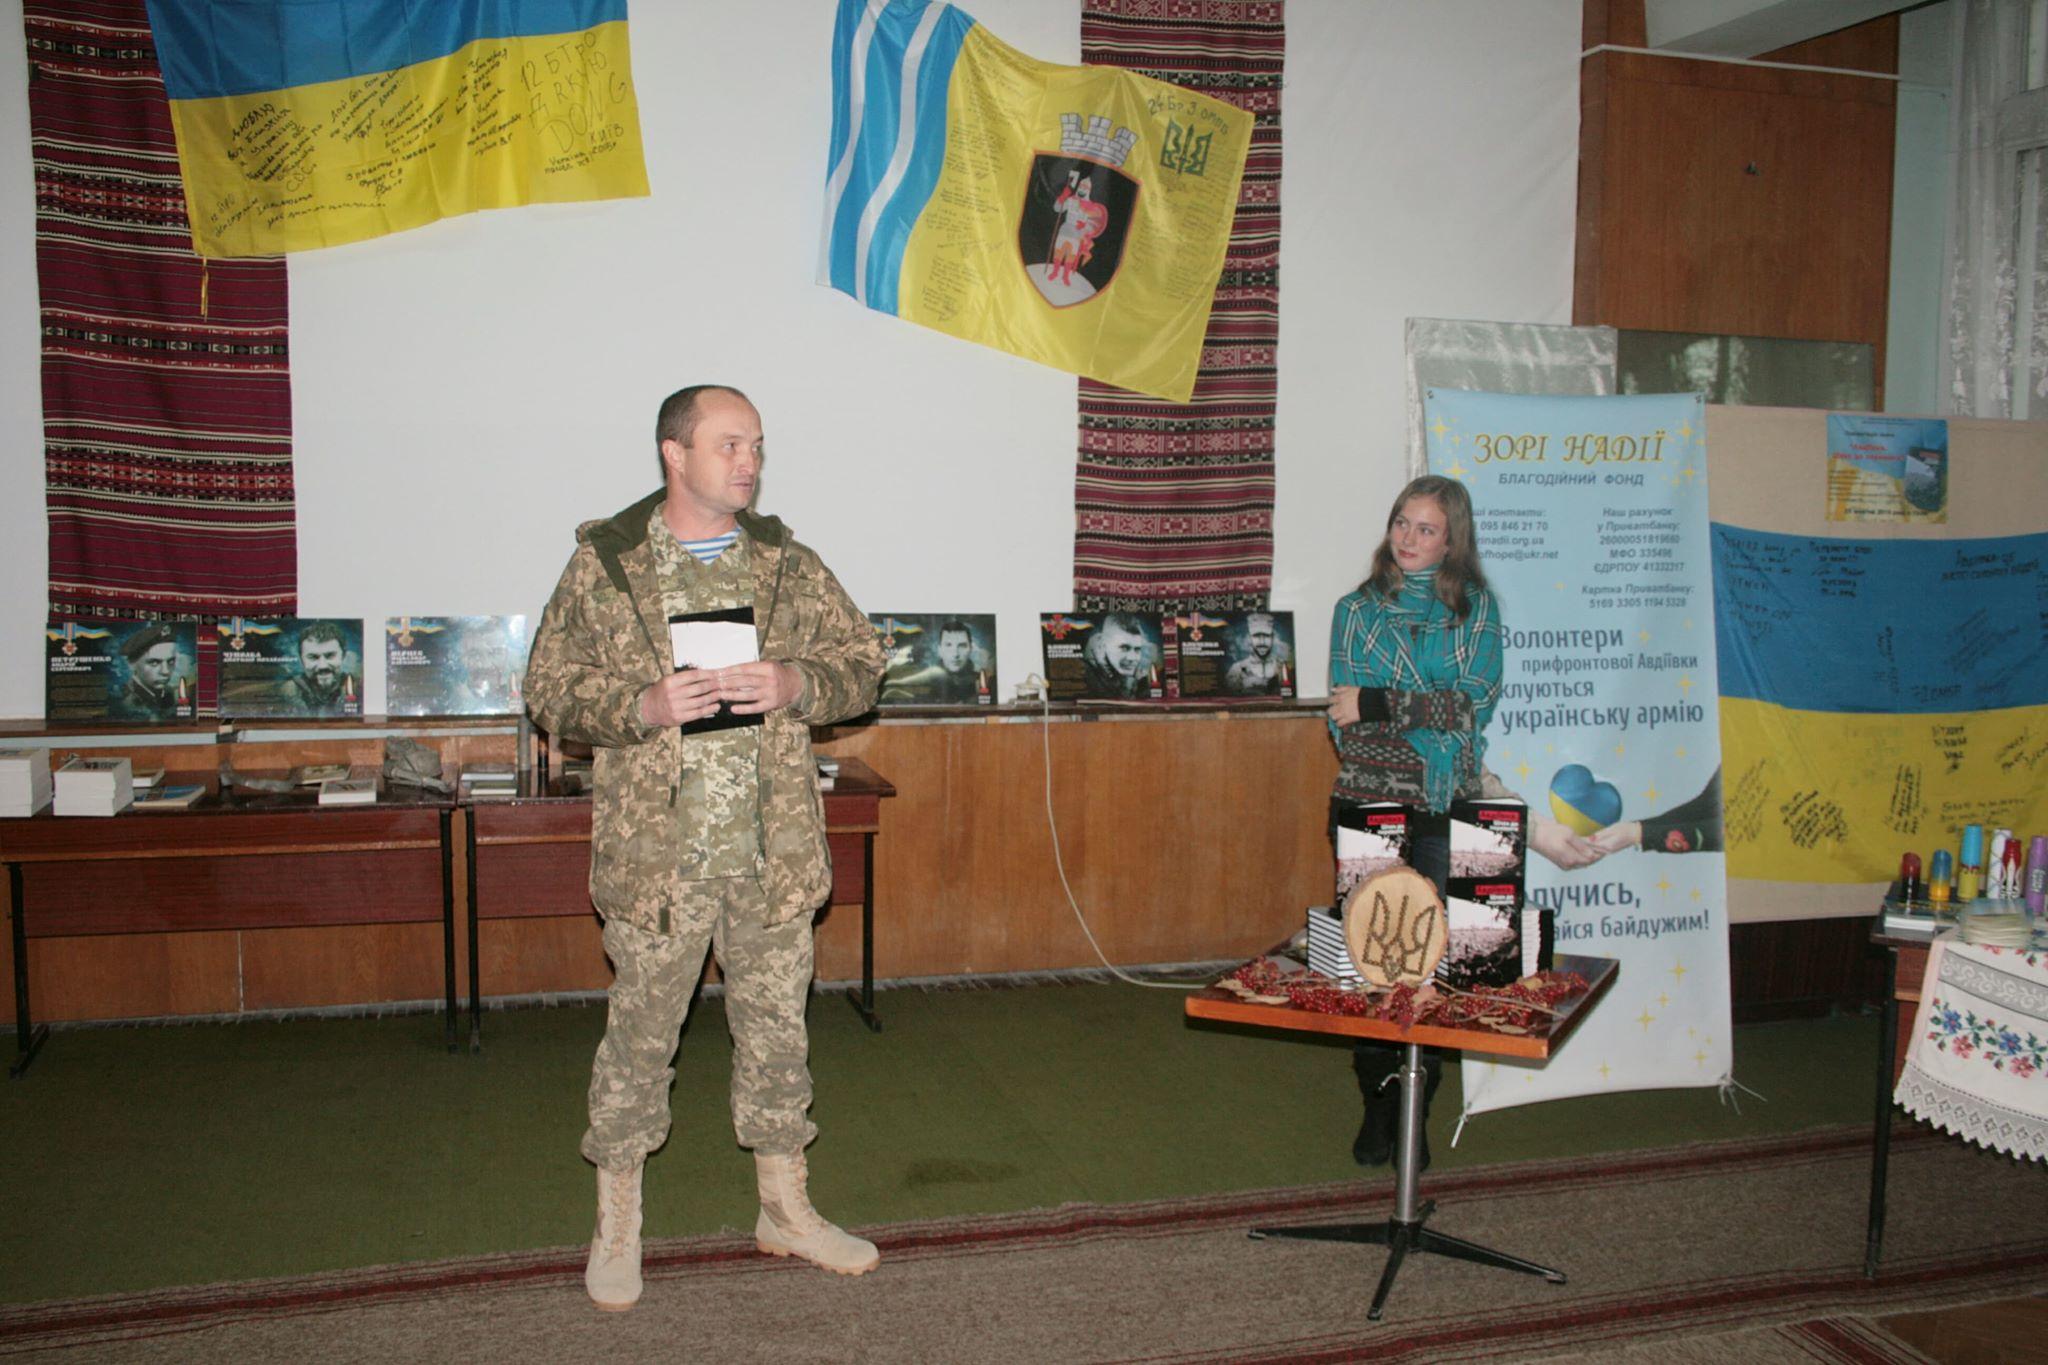 Роман Кучеренко. Один з героїв книги, боєць 72 ОМБр на презентації Шлях до перемогиу Каневі